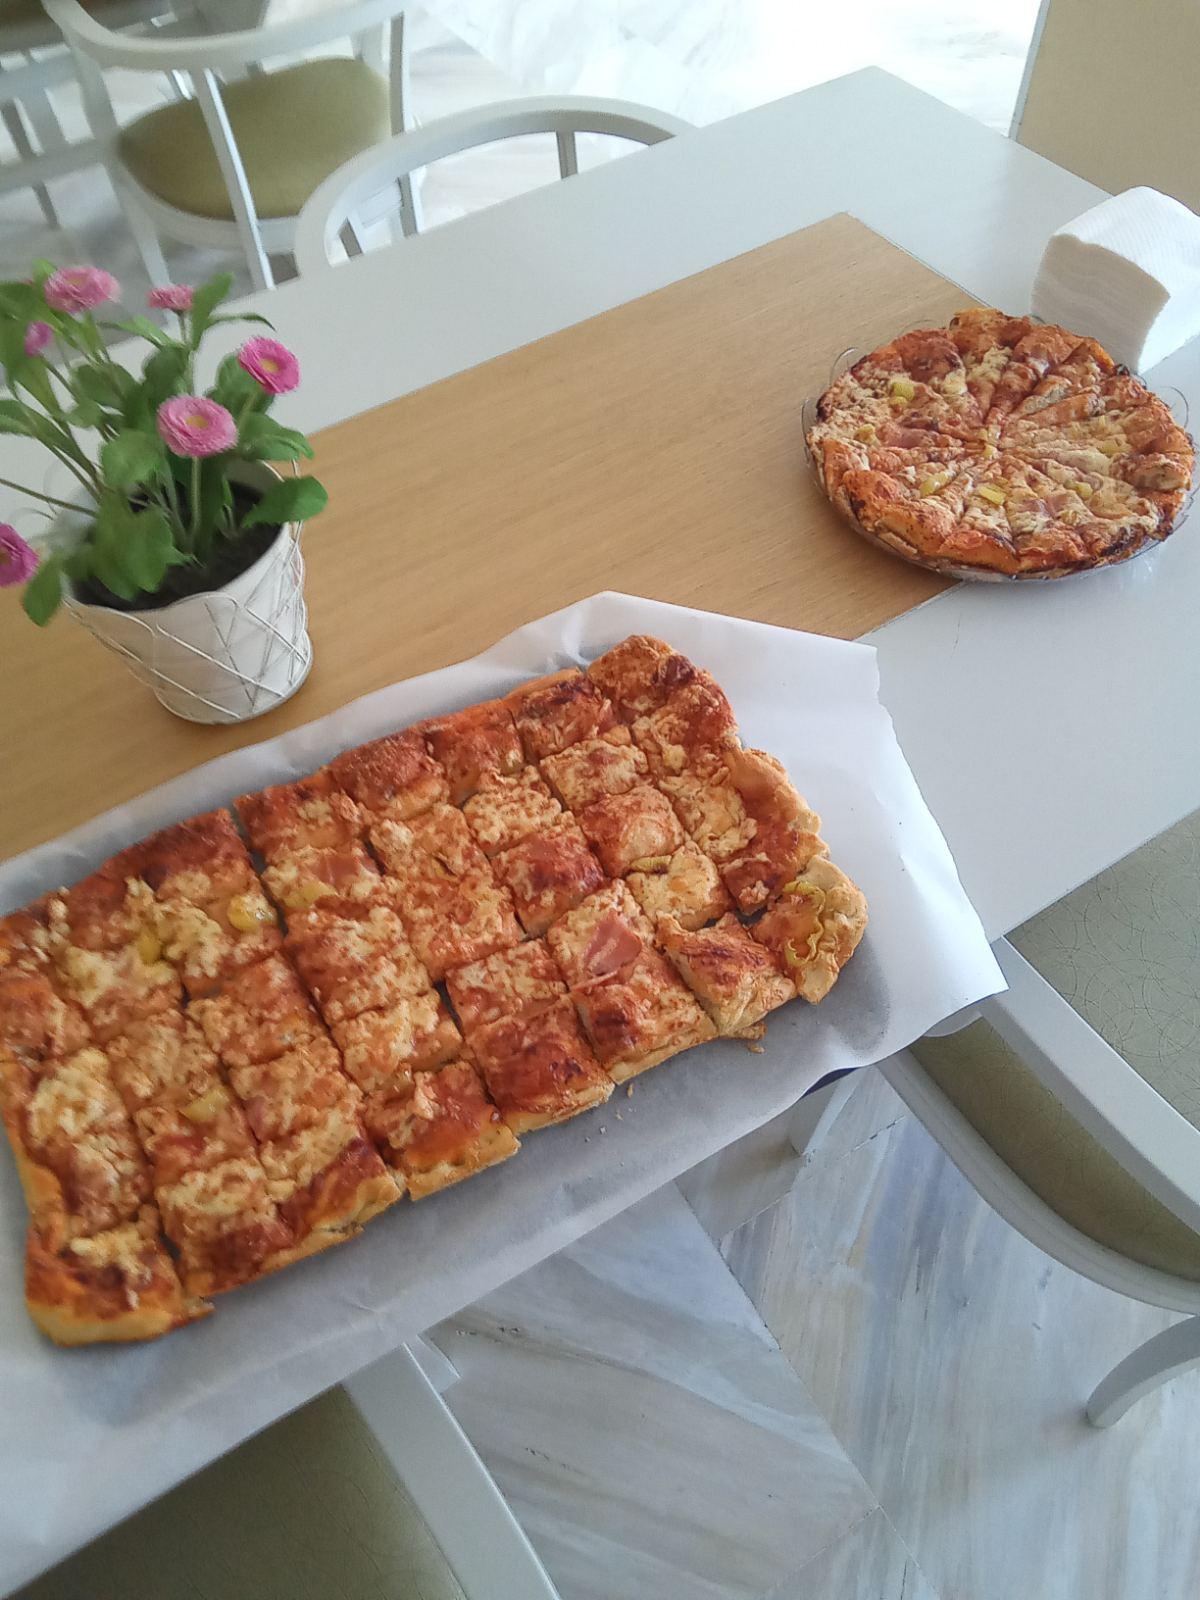 Οι φιλοξενούμενοι μας φτιάχνουν την δική τους πίτσα